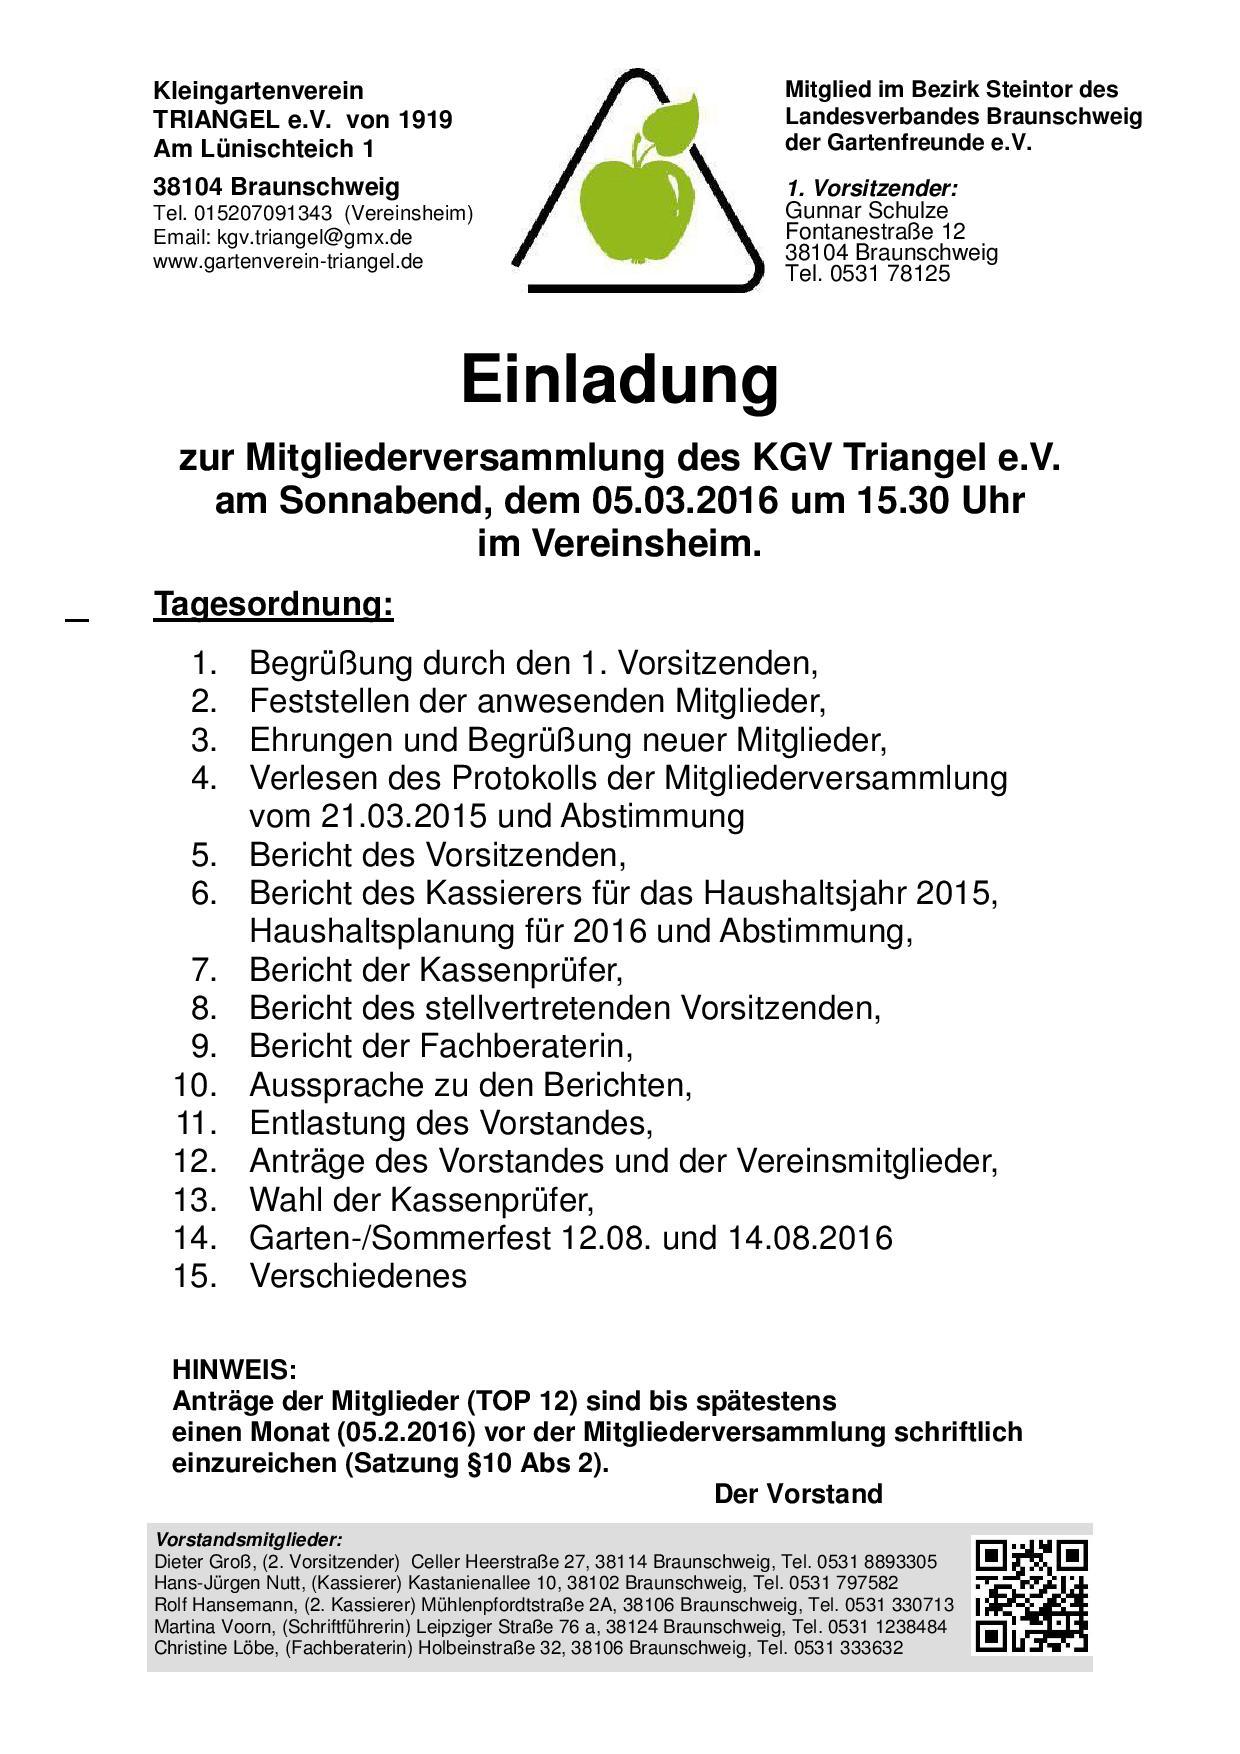 einladung zur mitgliederversammlung 2016 | kleingartenverein, Einladung